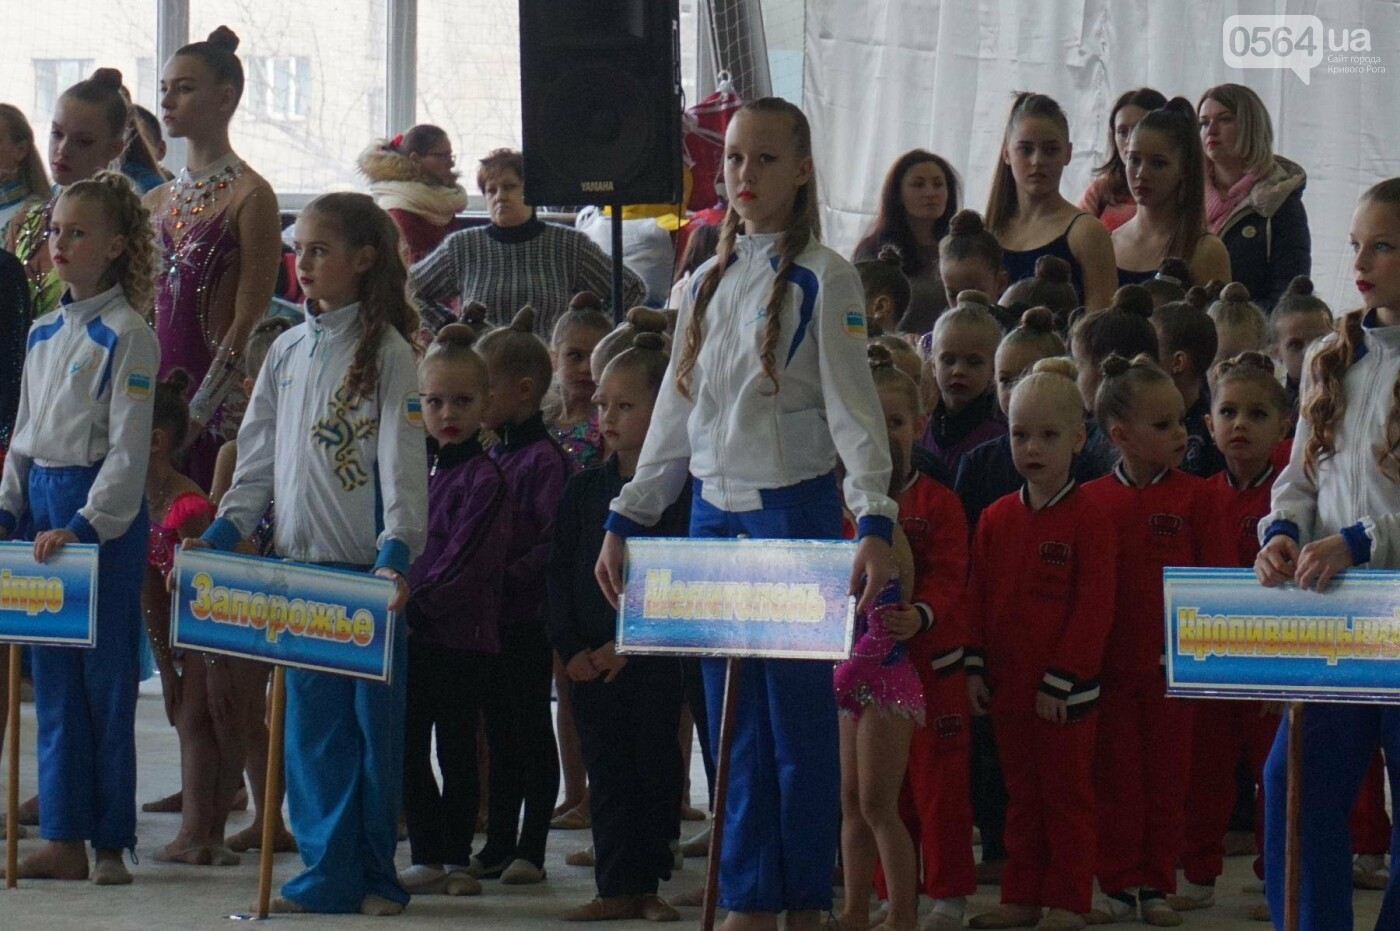 Праздник красоты и грации состоялся в Кривом Роге (ФОТО), фото-25